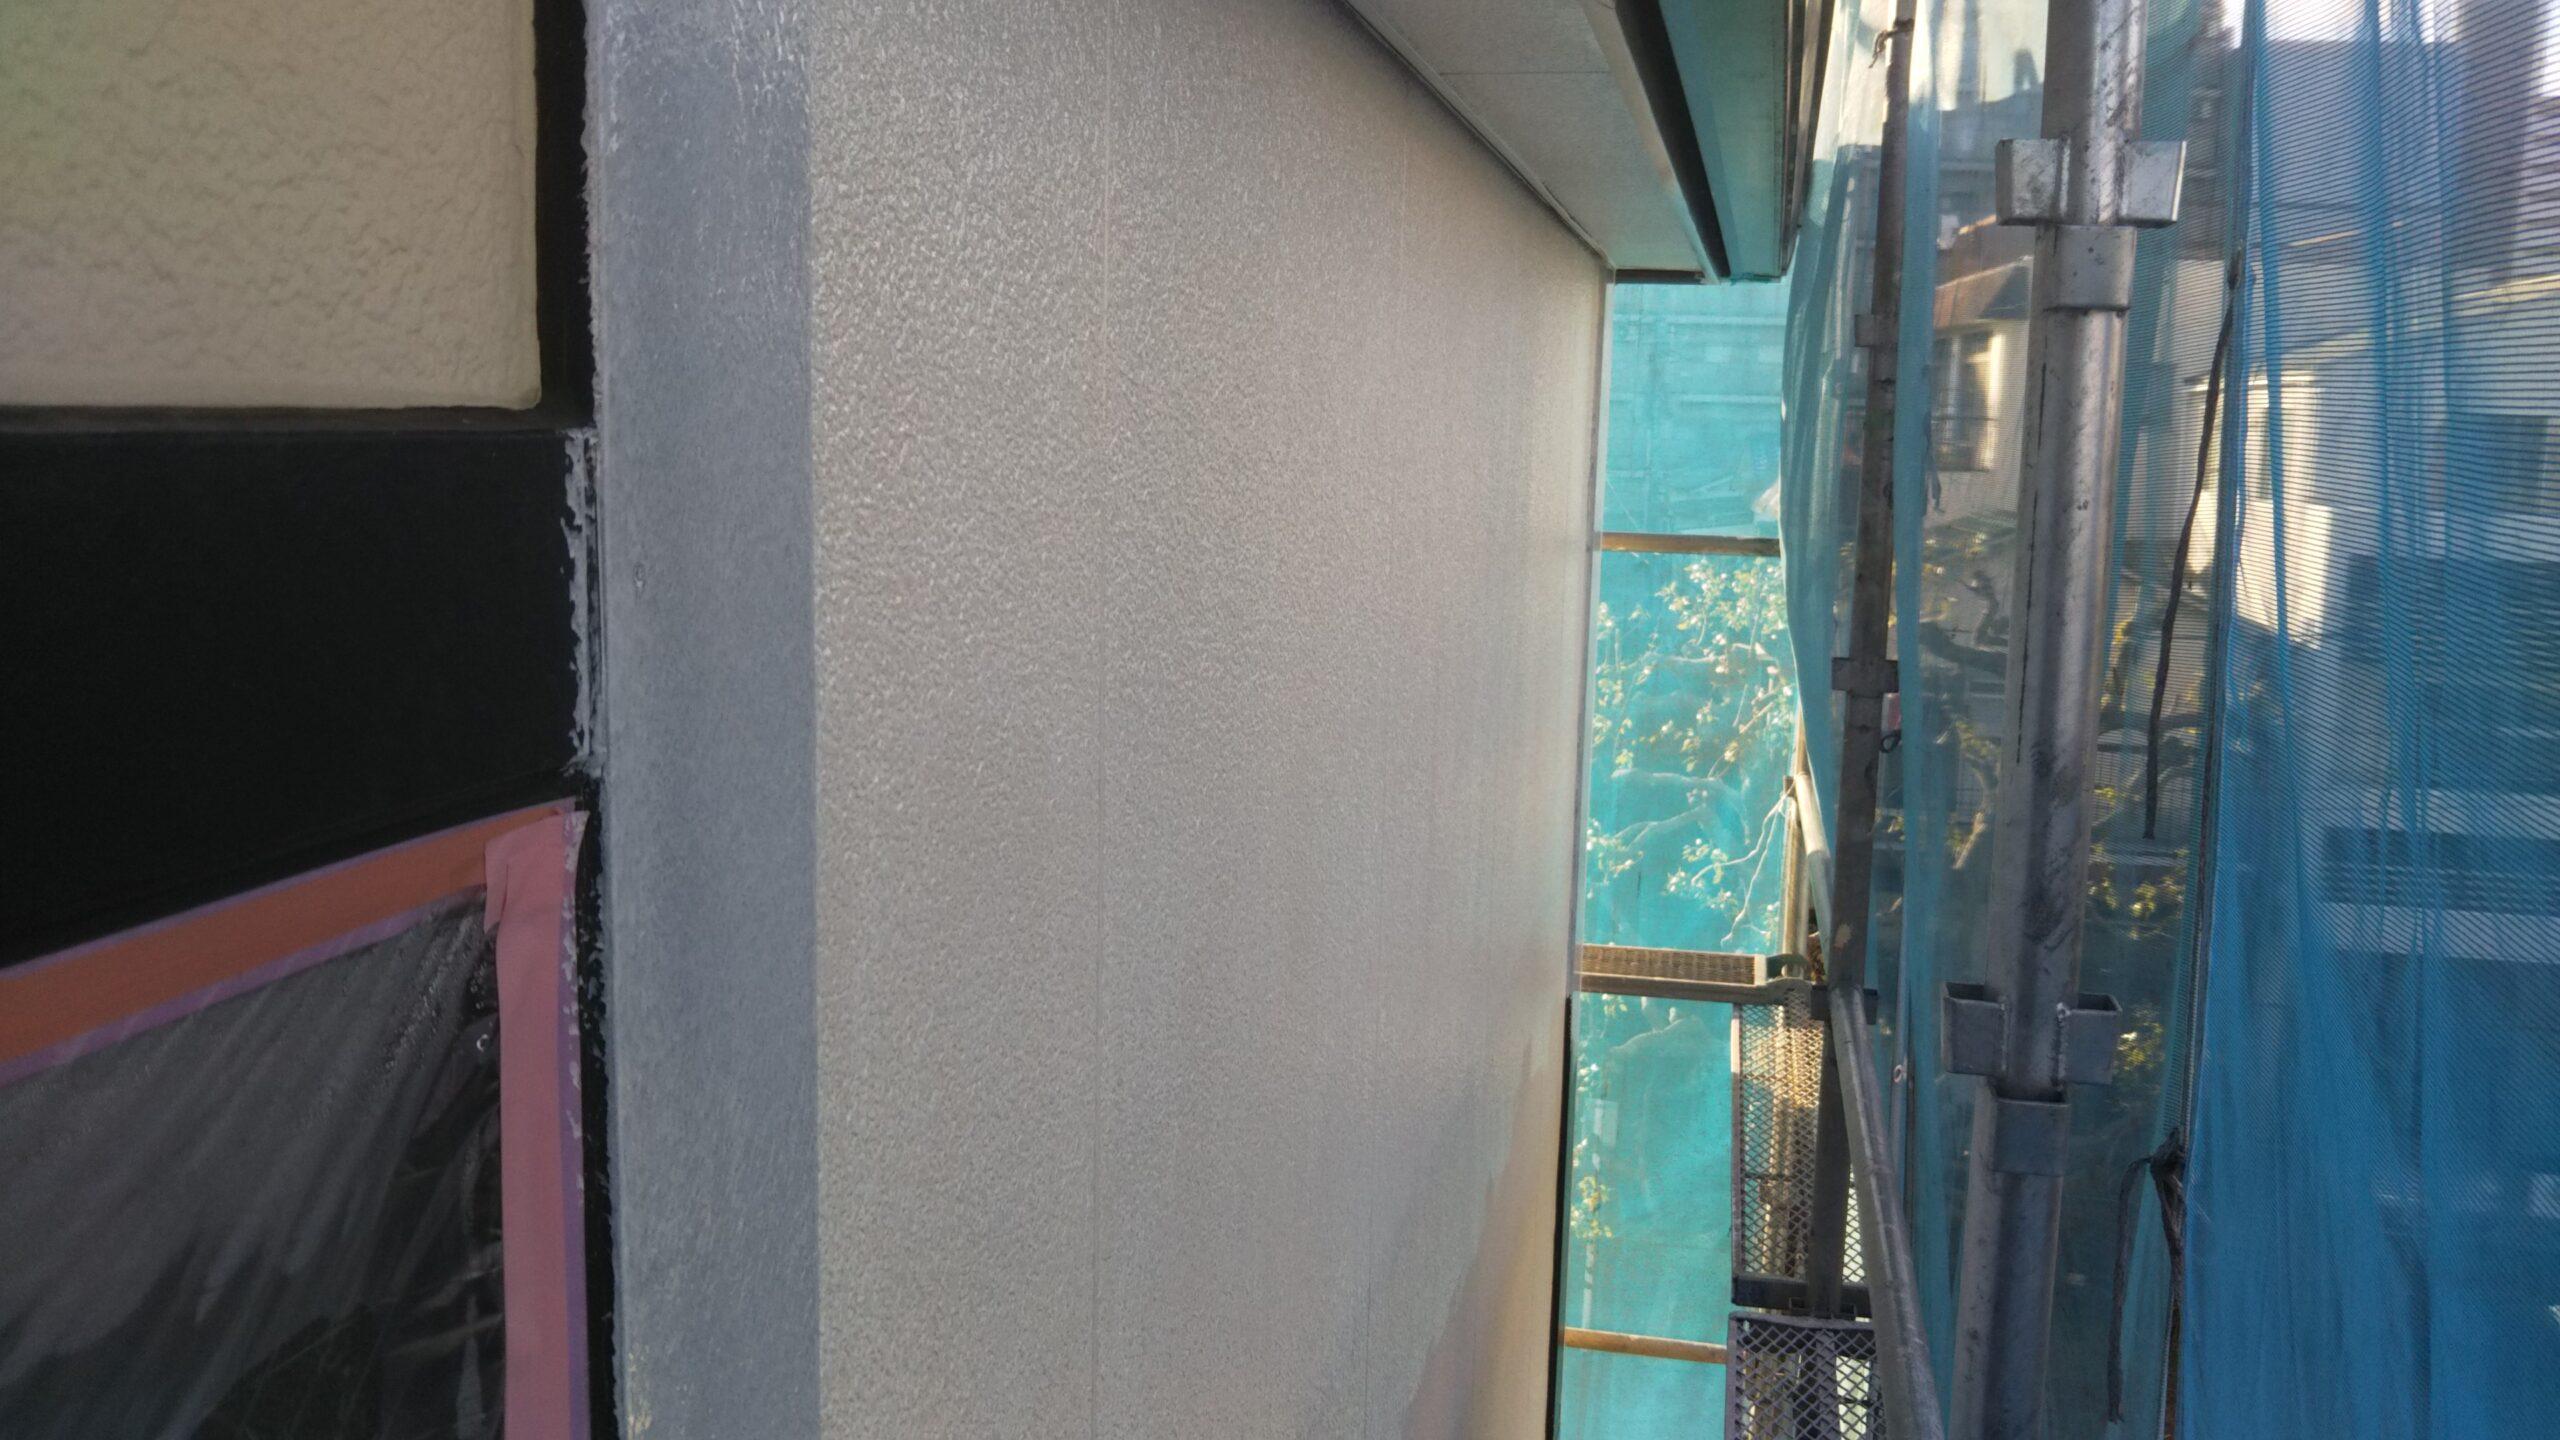 埼玉県さいたま市中央区のI様邸(木造3階建て)にて外壁塗装前の養生